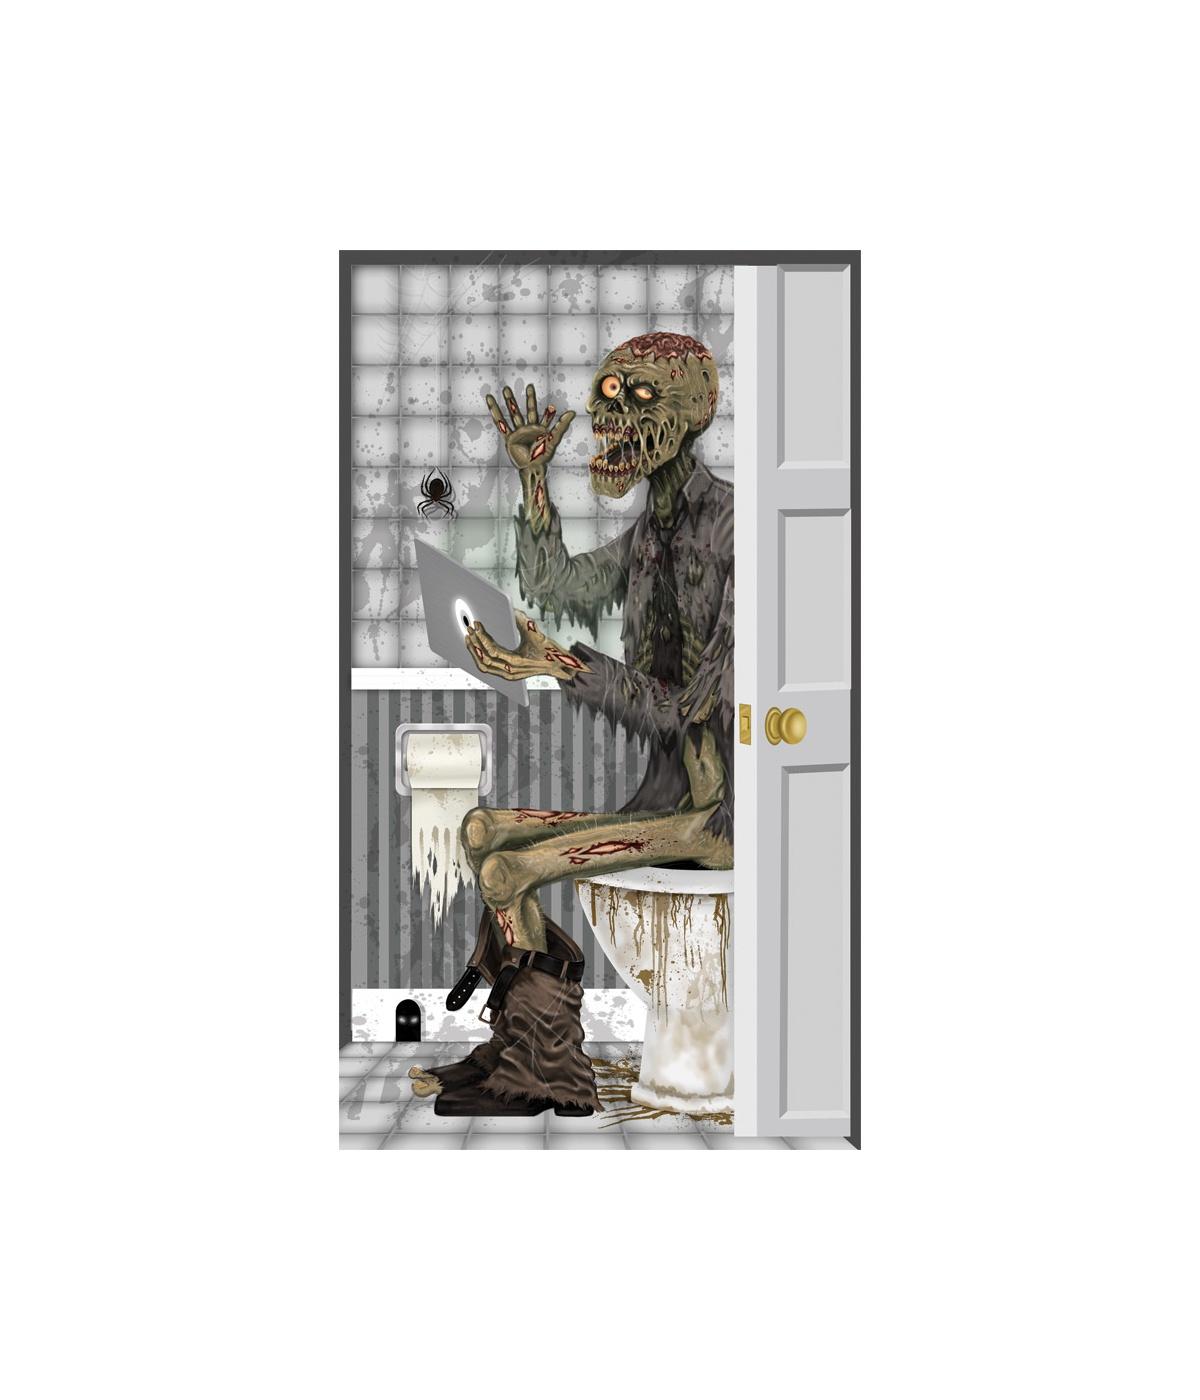 Zombie toilet door cover decoration props decorations for Decoration zombie